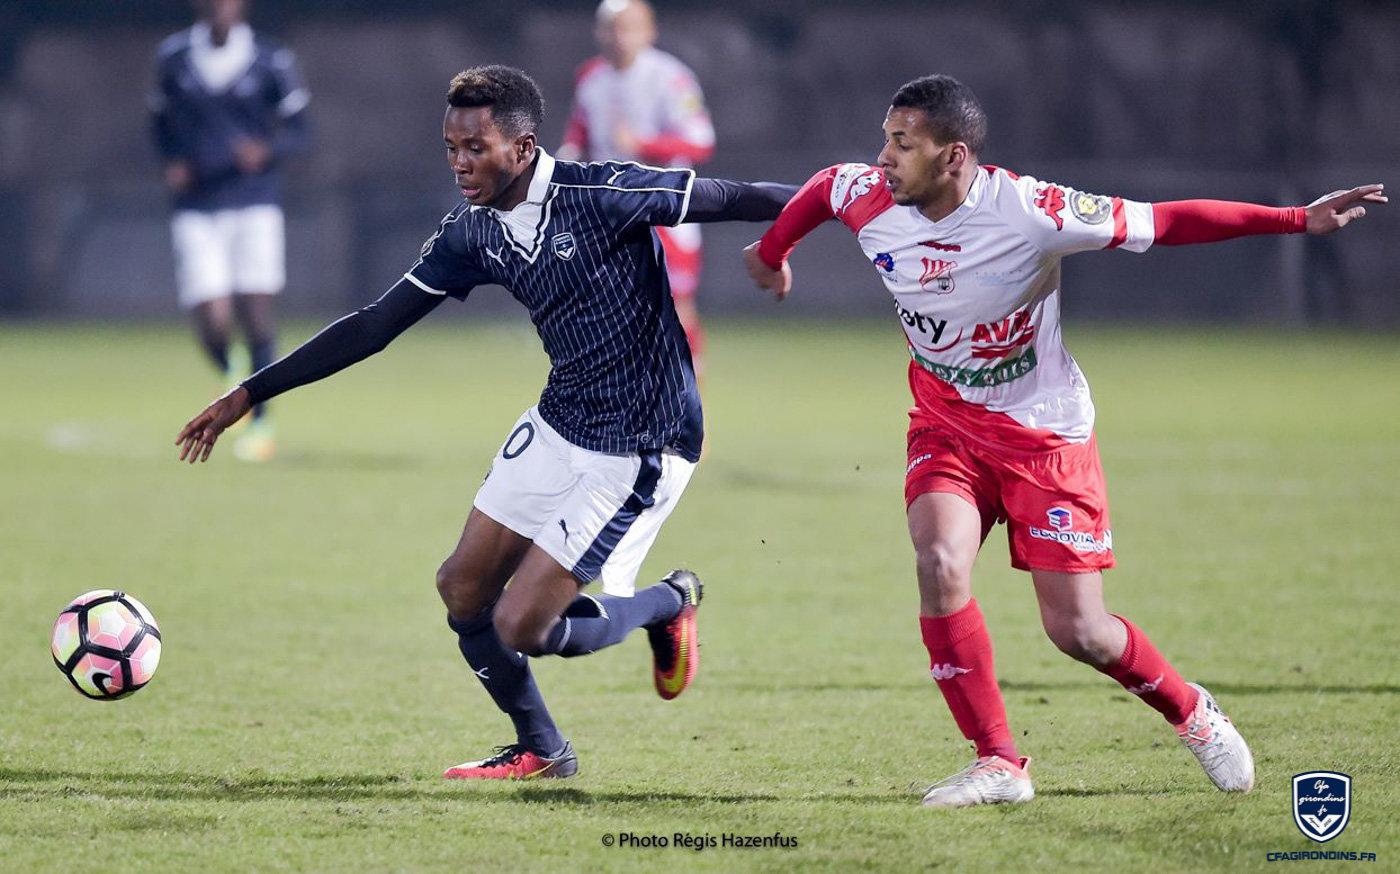 Cfa Girondins : Marius Trésor - « Pour moi, Limoges est la meilleure équipe du groupe » - Formation Girondins